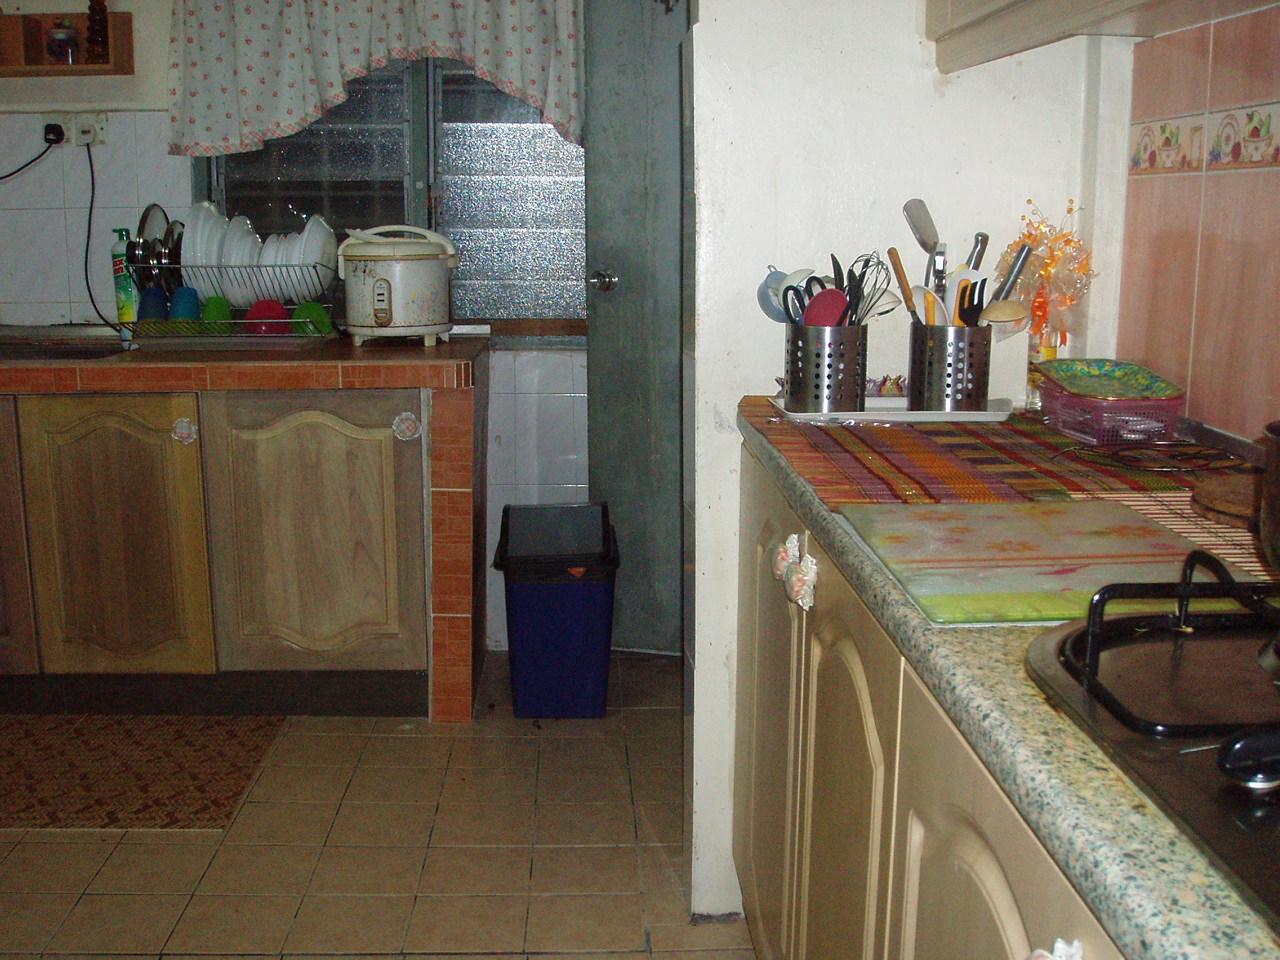 Memandangkan Operasi Hari Ni Dah Selesai Dengan Jayanya Maka Rasa Senang Hati Dikongsikan Tips Mengemas Dapur Terutama Kepada Suri Rumah Yang Tiada